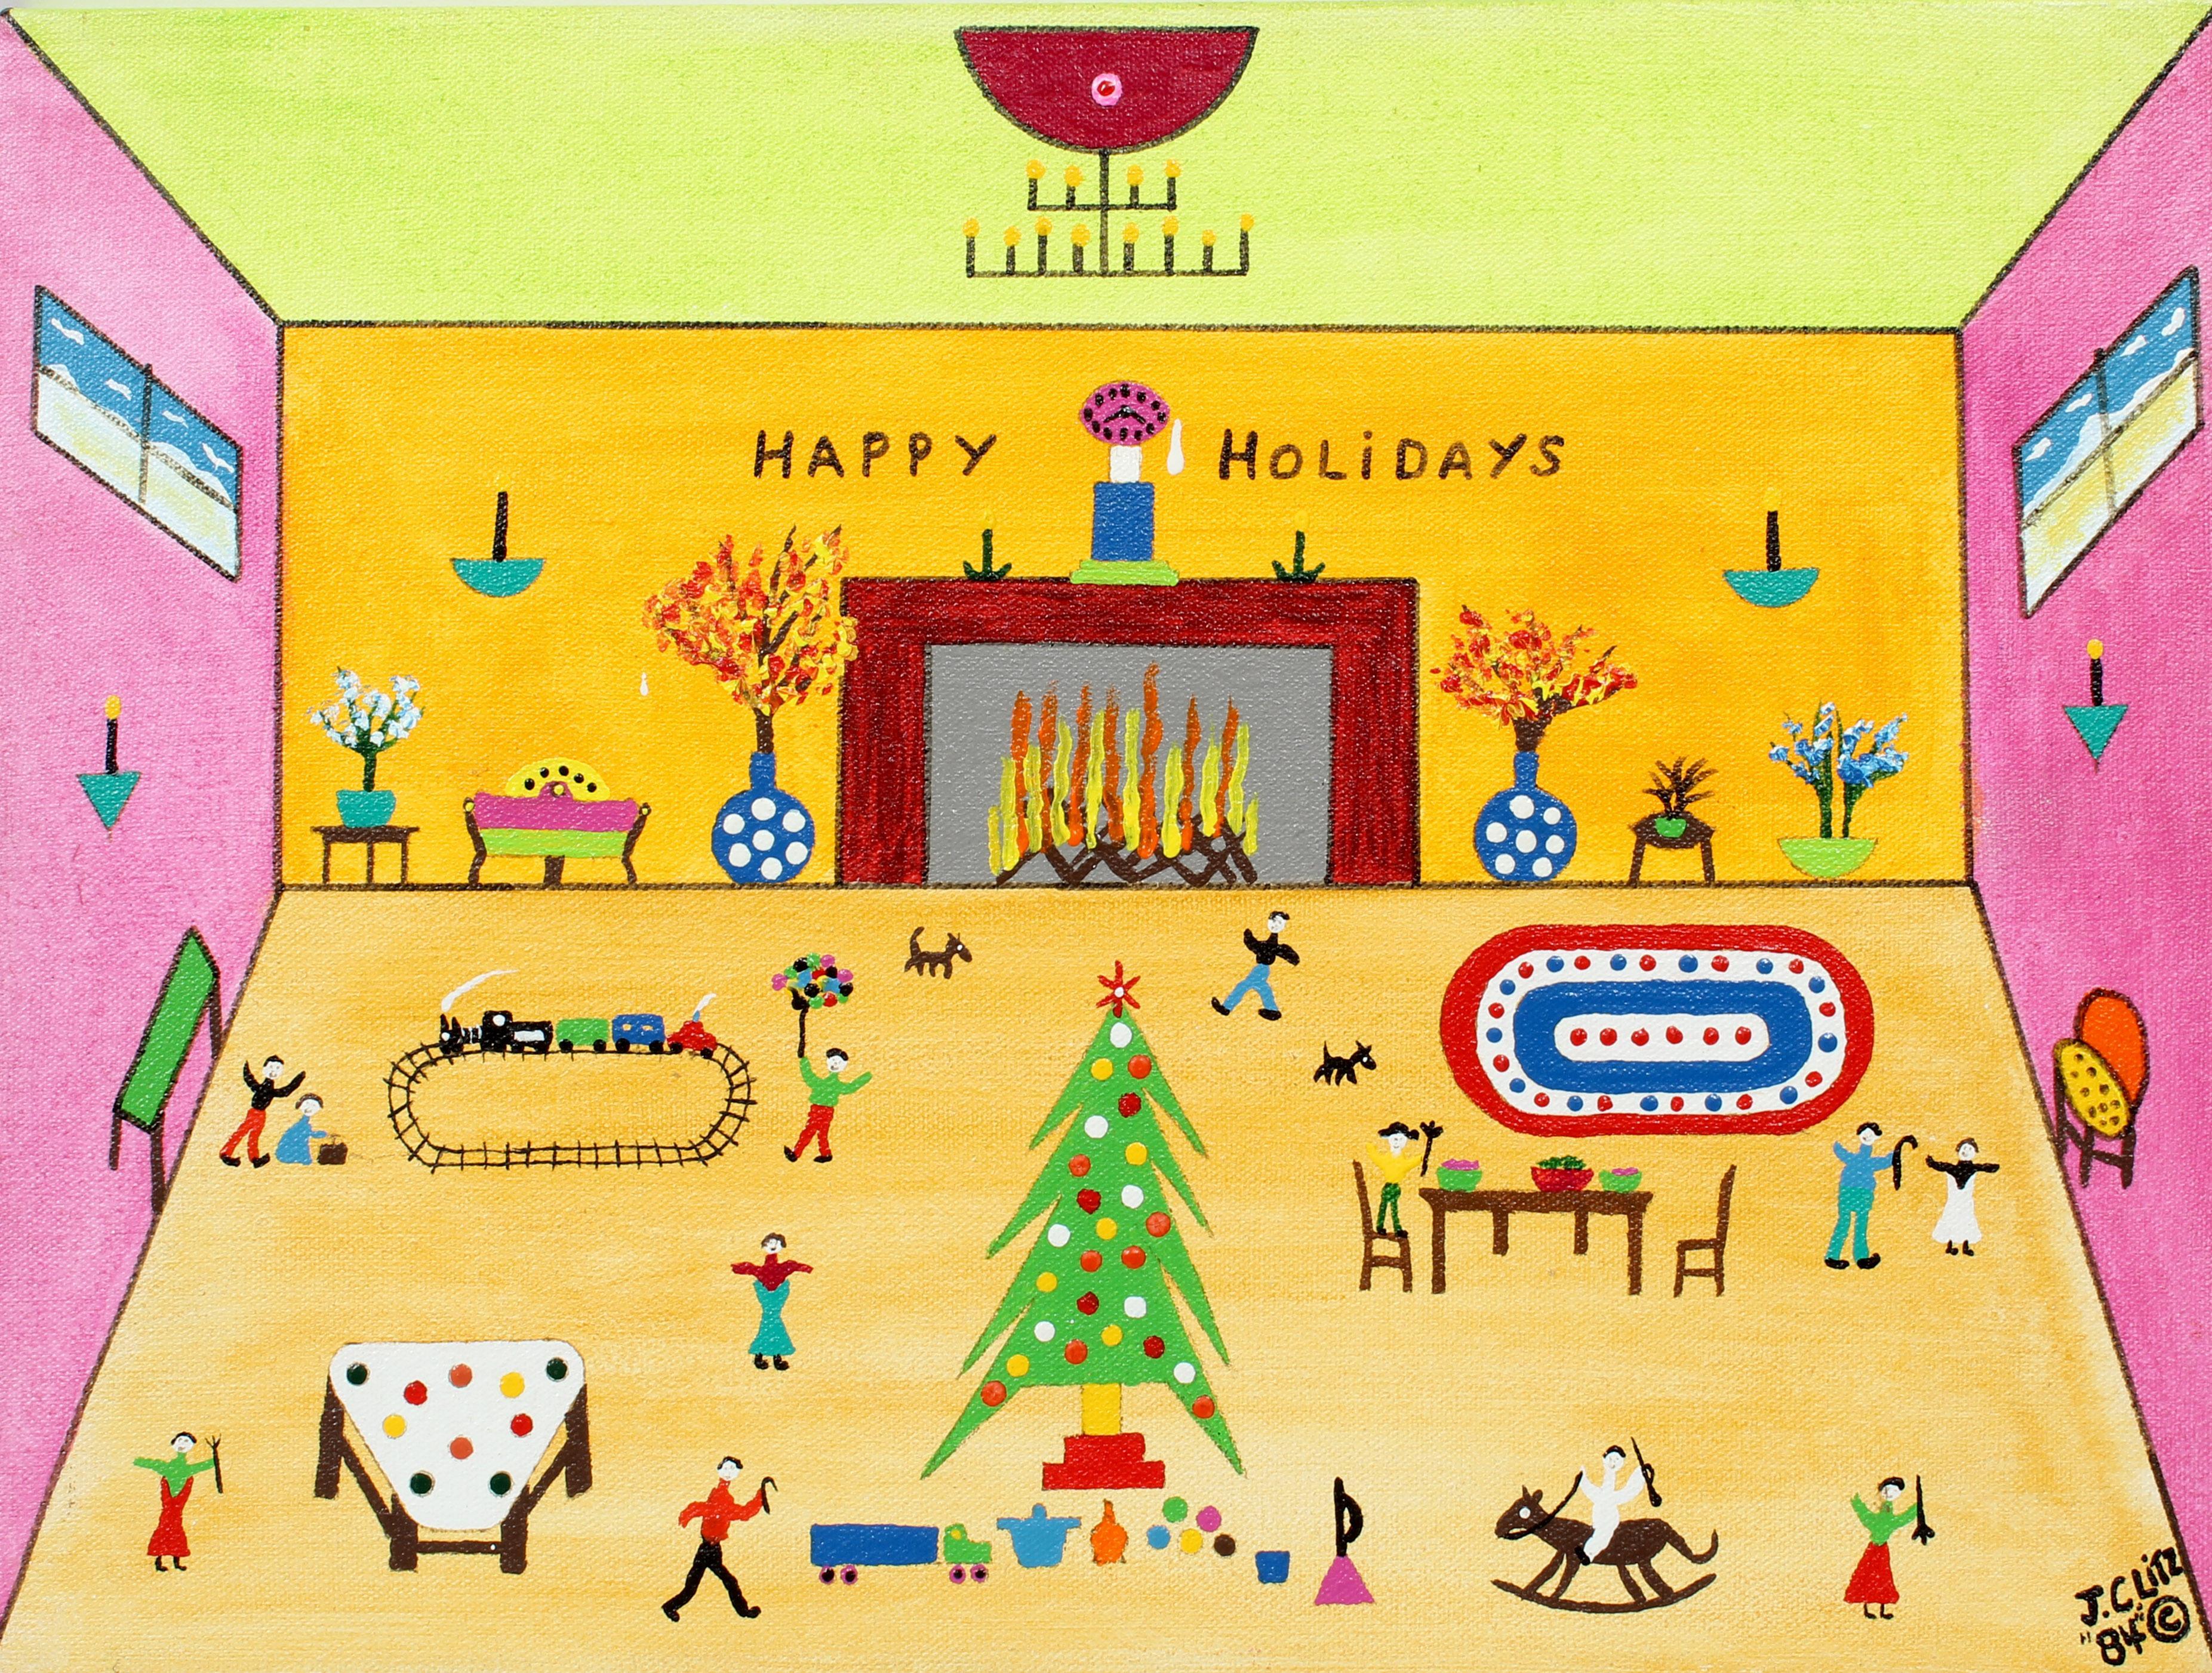 Holiday Folk Art Painting Toys Interior James Litz American Naive Rare Christmas